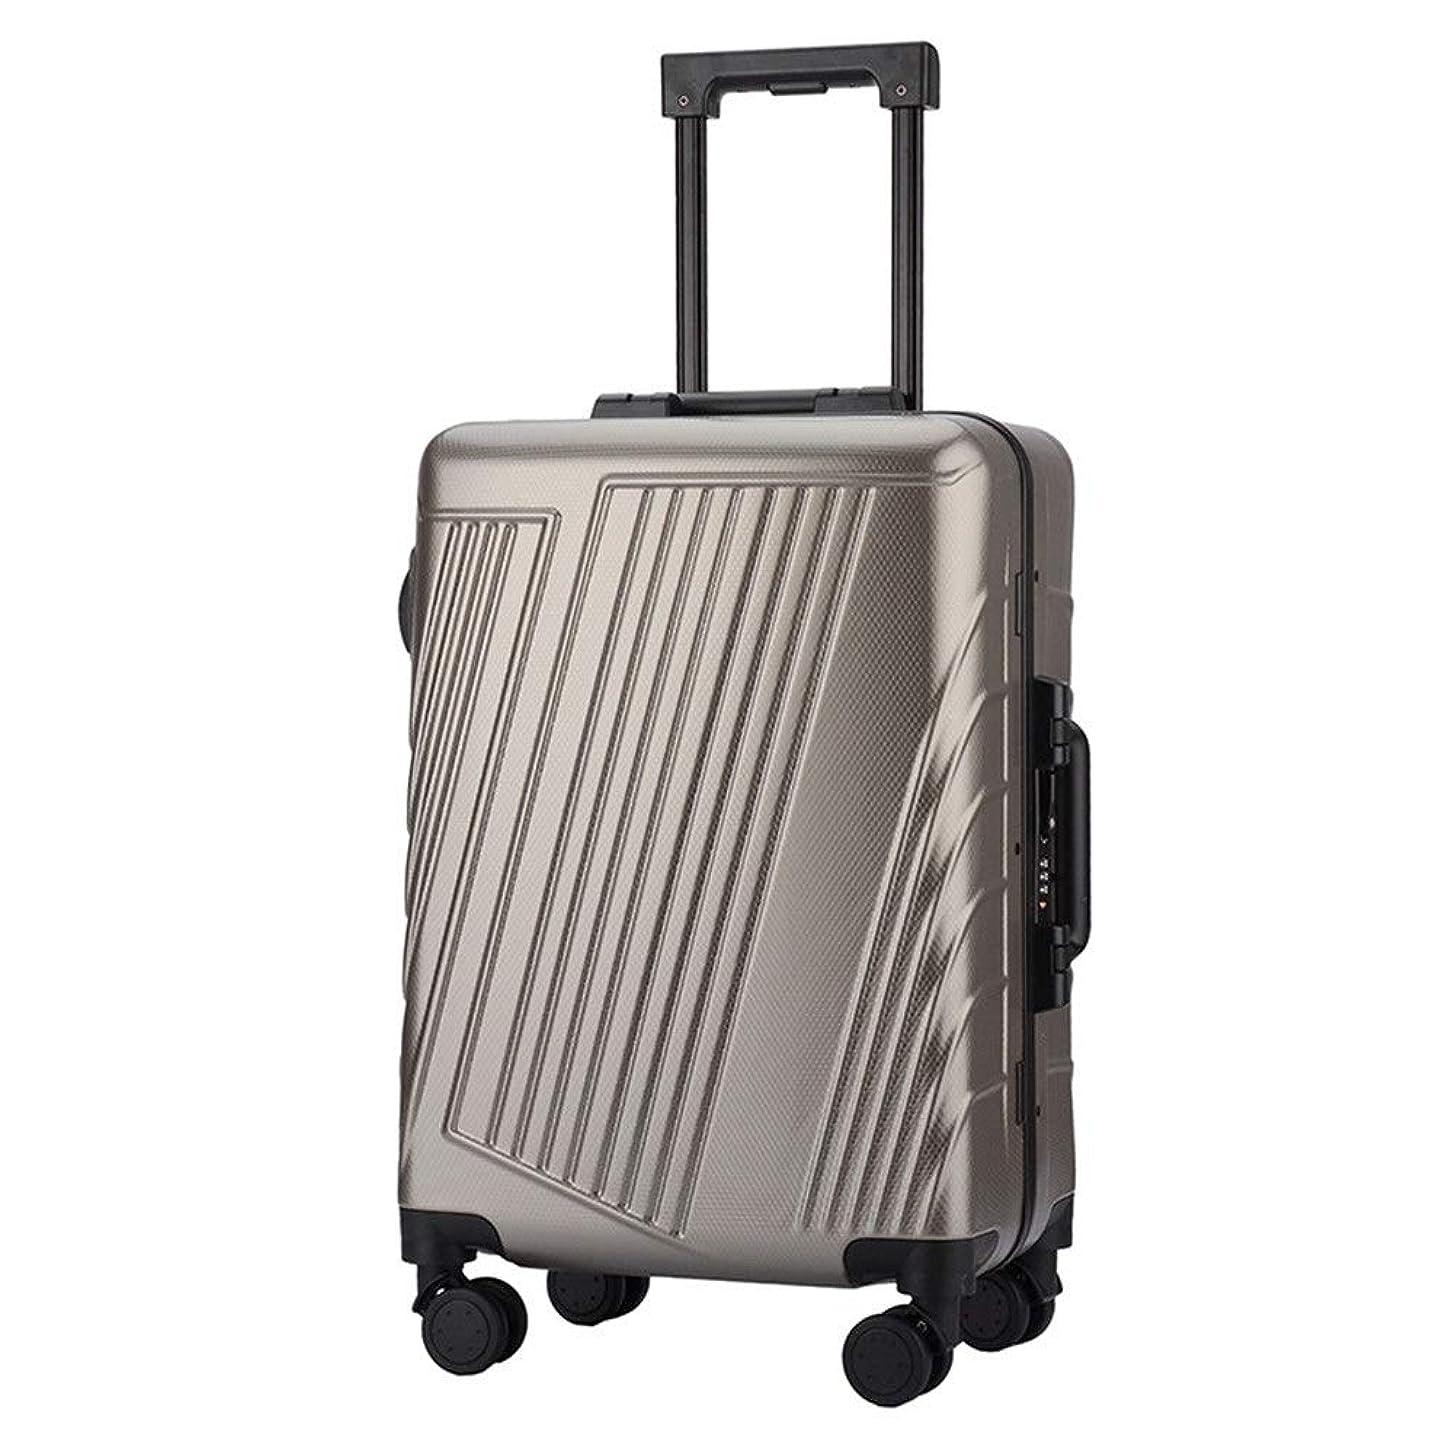 立証する液体四半期スーツケース TSAロック付き回転トラベルトロリーハードケース軽量ポータブルコラム荷物サイレントローテーターマルチディレクター航空機搭乗 多機能省スペース機内持ち込みスーツケース (色 : ブロンズ, サイズ : 24inches)